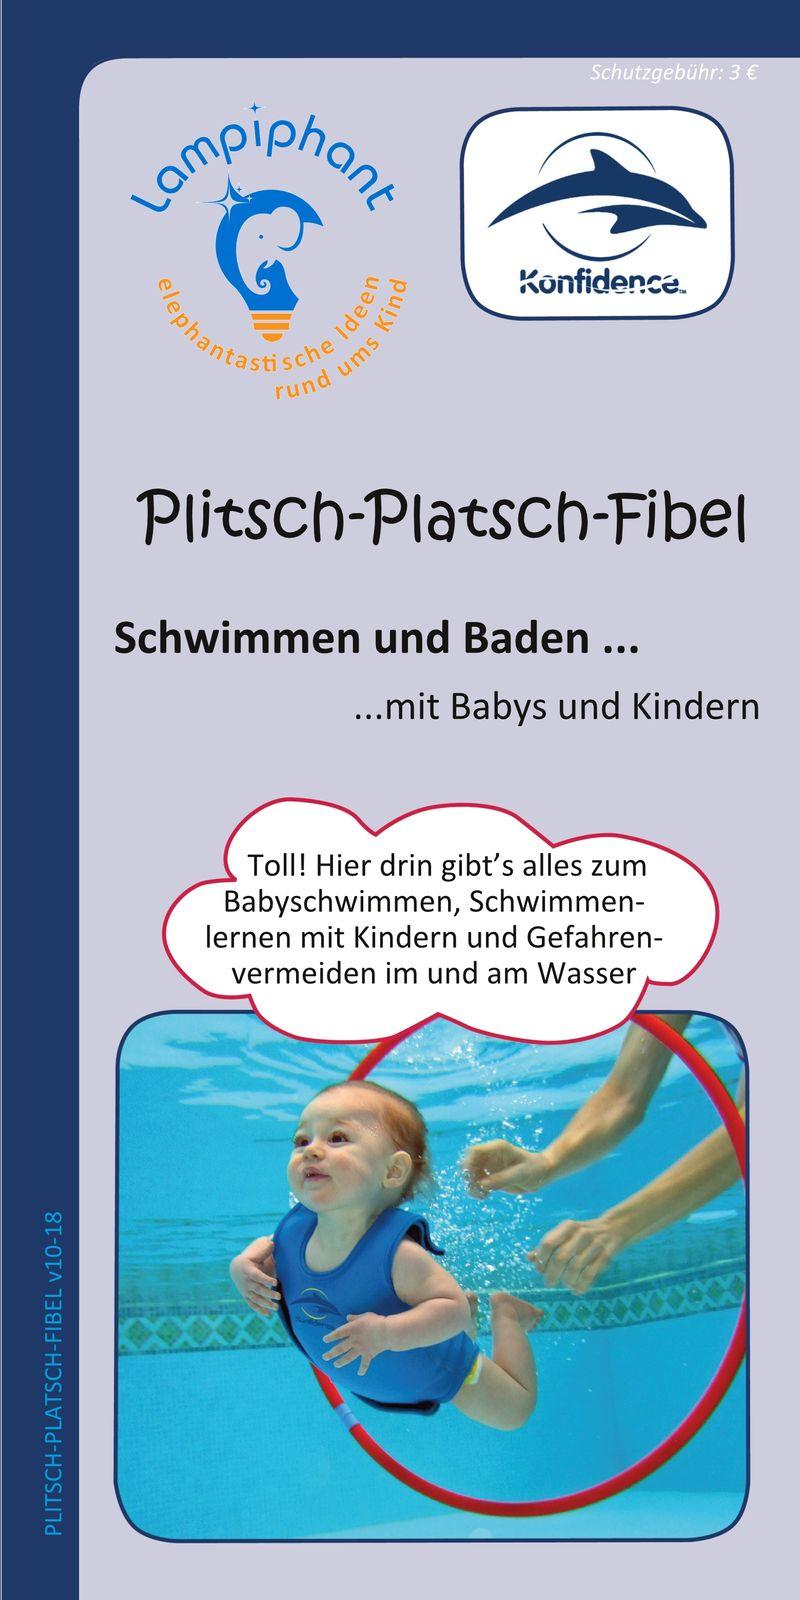 Warma, Neopren-Schwimmanzug mit Plitsch-Platsch-Fibel – Bild 20